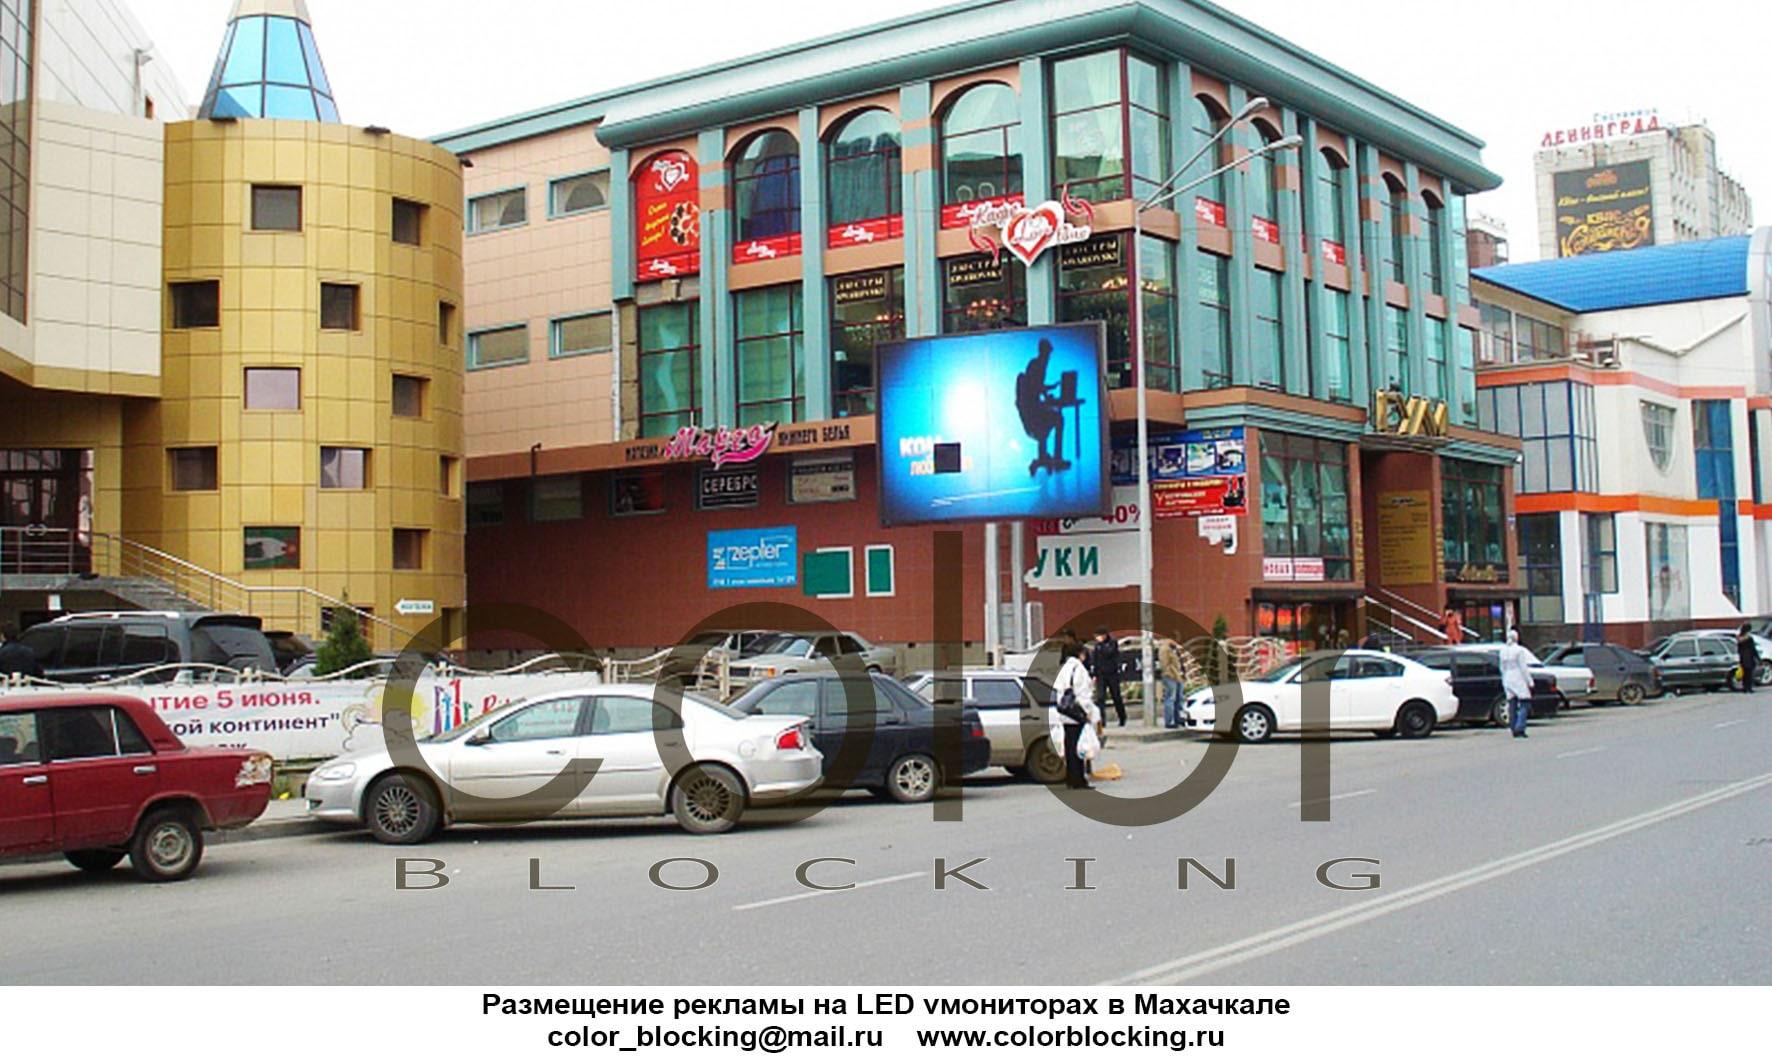 Размещение рекламы на светодиодных экранах в Махачкале, Ярагского